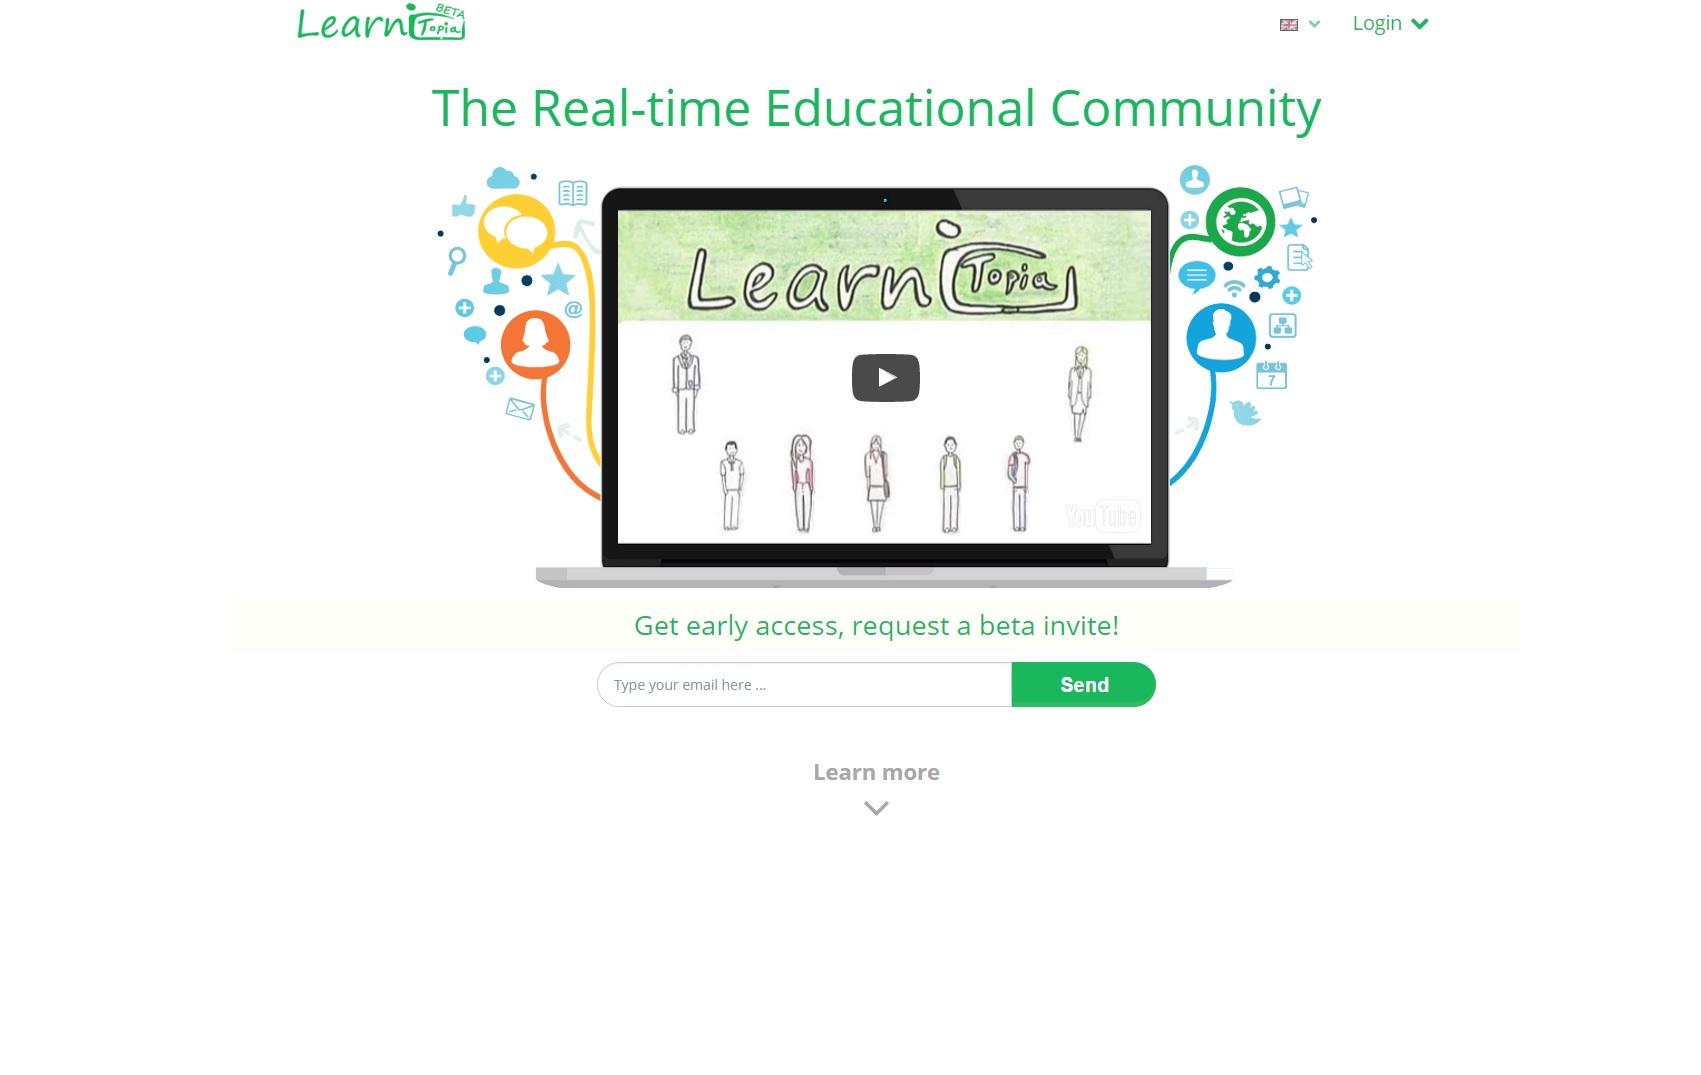 http://www.jupiweb.com/assets/uploads/files/thumbs/thumb_84741-learnitopia.jpg